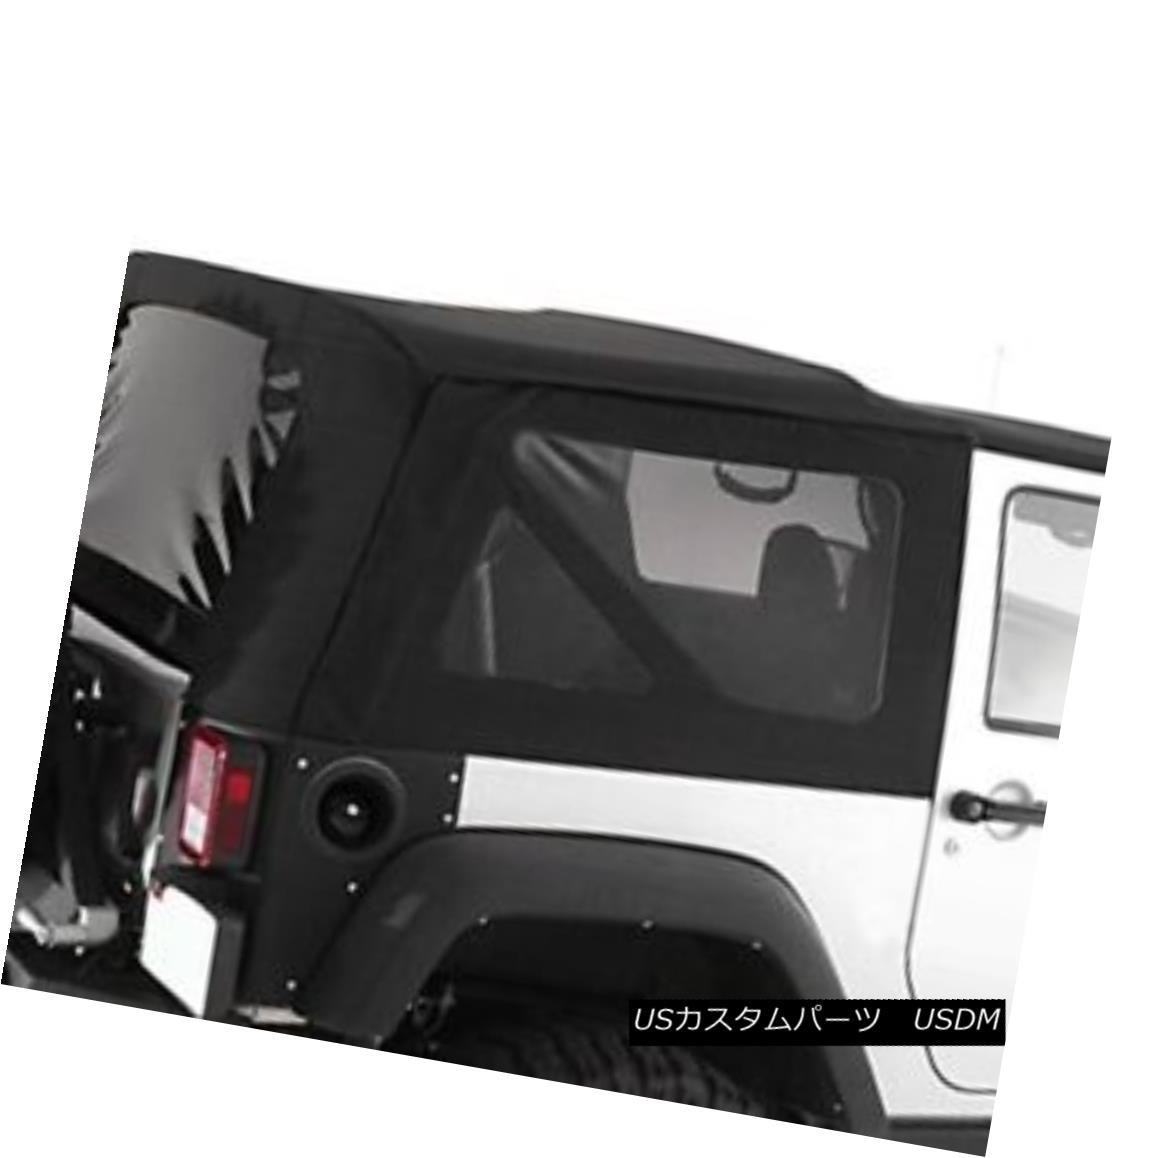 幌・ソフトトップ Smittybilt 9075235 - Diamond Black OEM Replacement Soft Top with Tinted Windows Smittybilt 9075235 - ダイヤモンドブラックOEM交換ソフトトップ